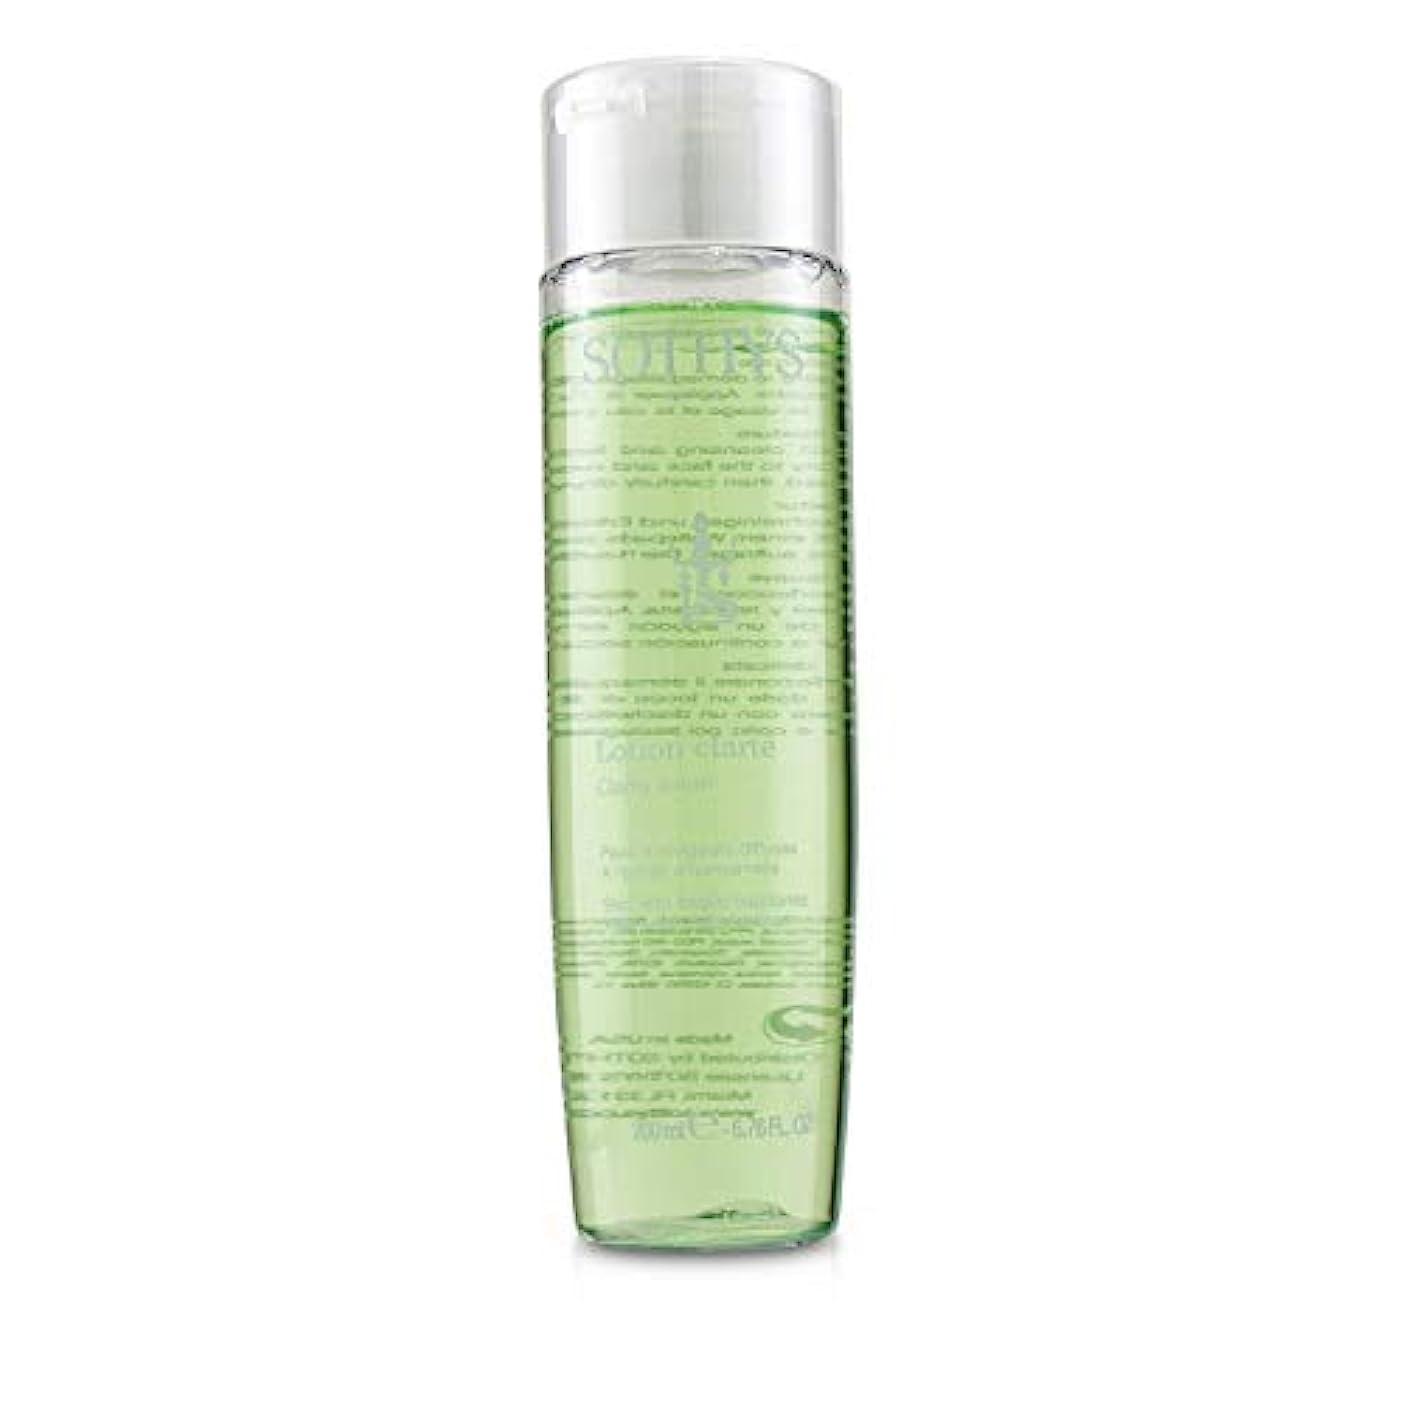 ぬいぐるみ地獄戦闘Sothys Clarity Lotion - For Skin With Fragile Capillaries, With Witch Hazel Extract 200ml/6.76oz並行輸入品